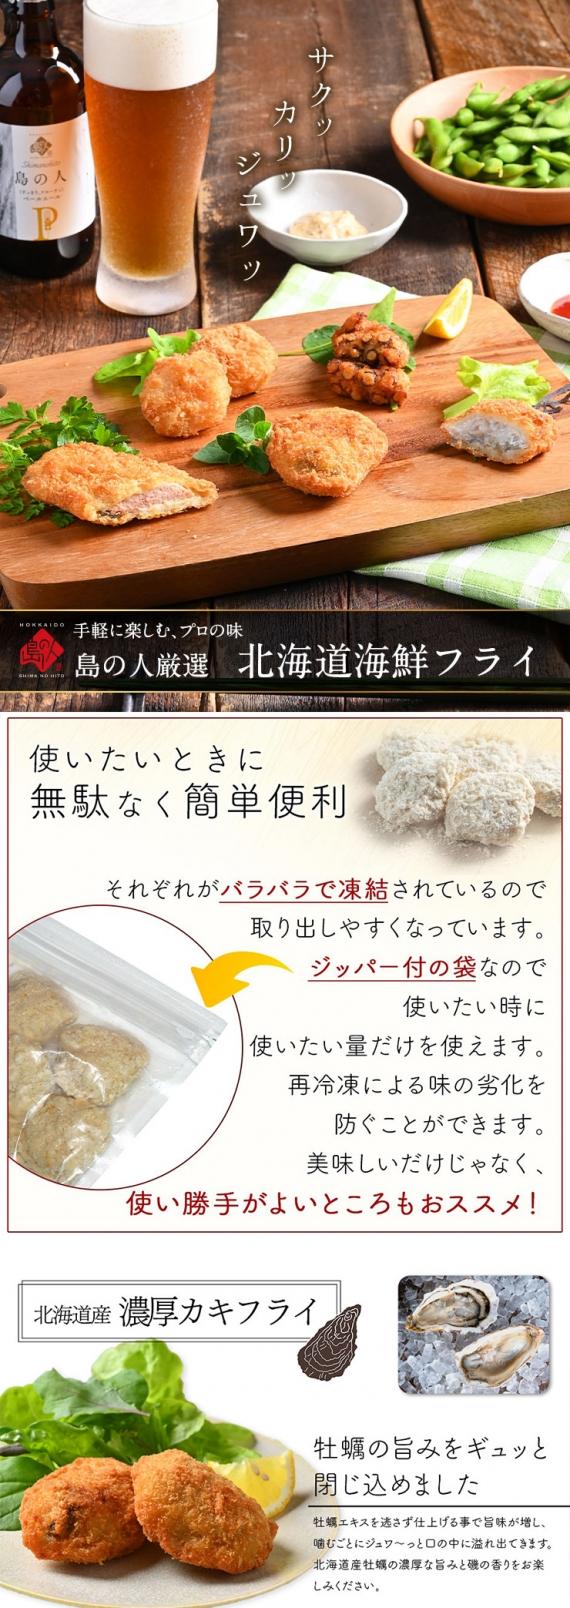 北海道産 濃厚カキフライ 300g 当店オリジナルの特注品  牡蠣 かき カキ 揚げ物 冷凍食品 惣菜 ご飯のお供 ご飯のおとも【送料無料】